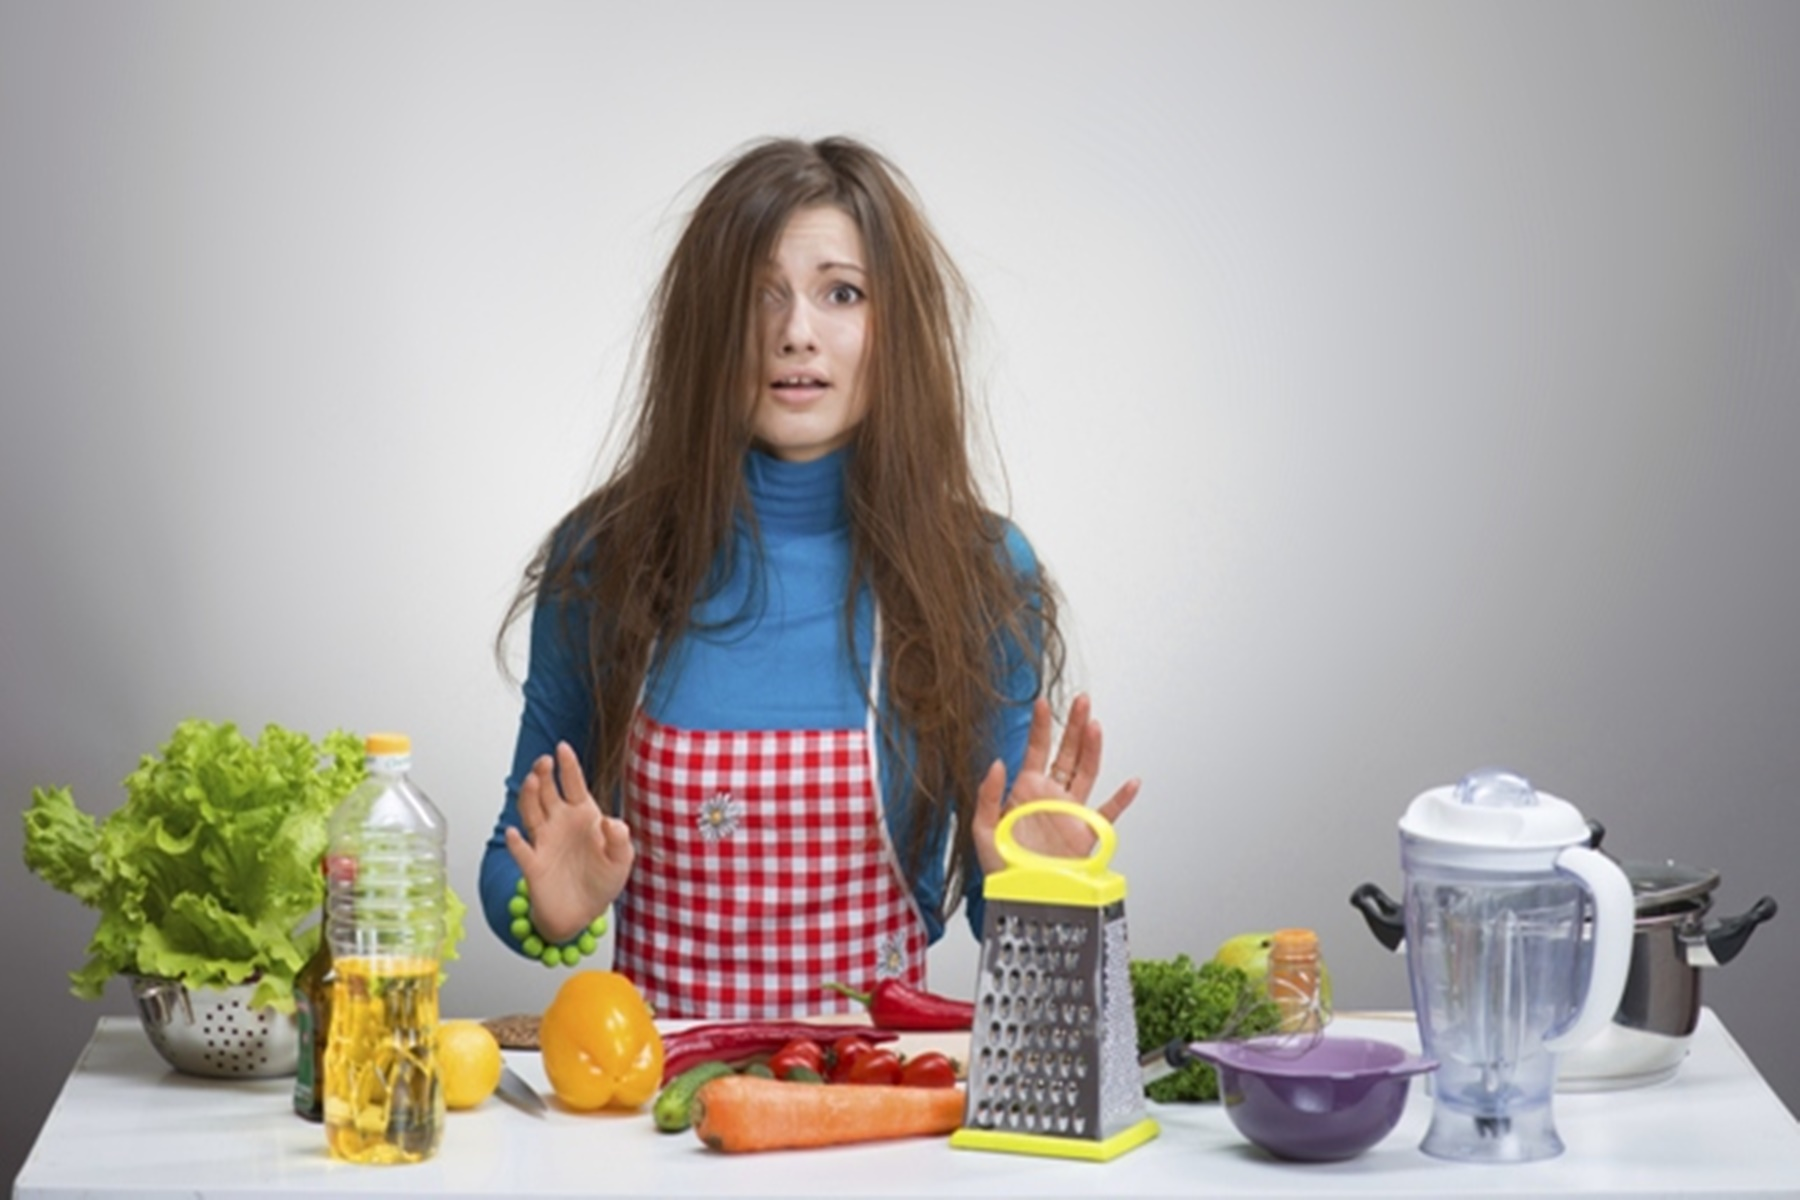 Διατροφή : Τρόφιμα κατάλληλα για μαθητές και φοιτητές